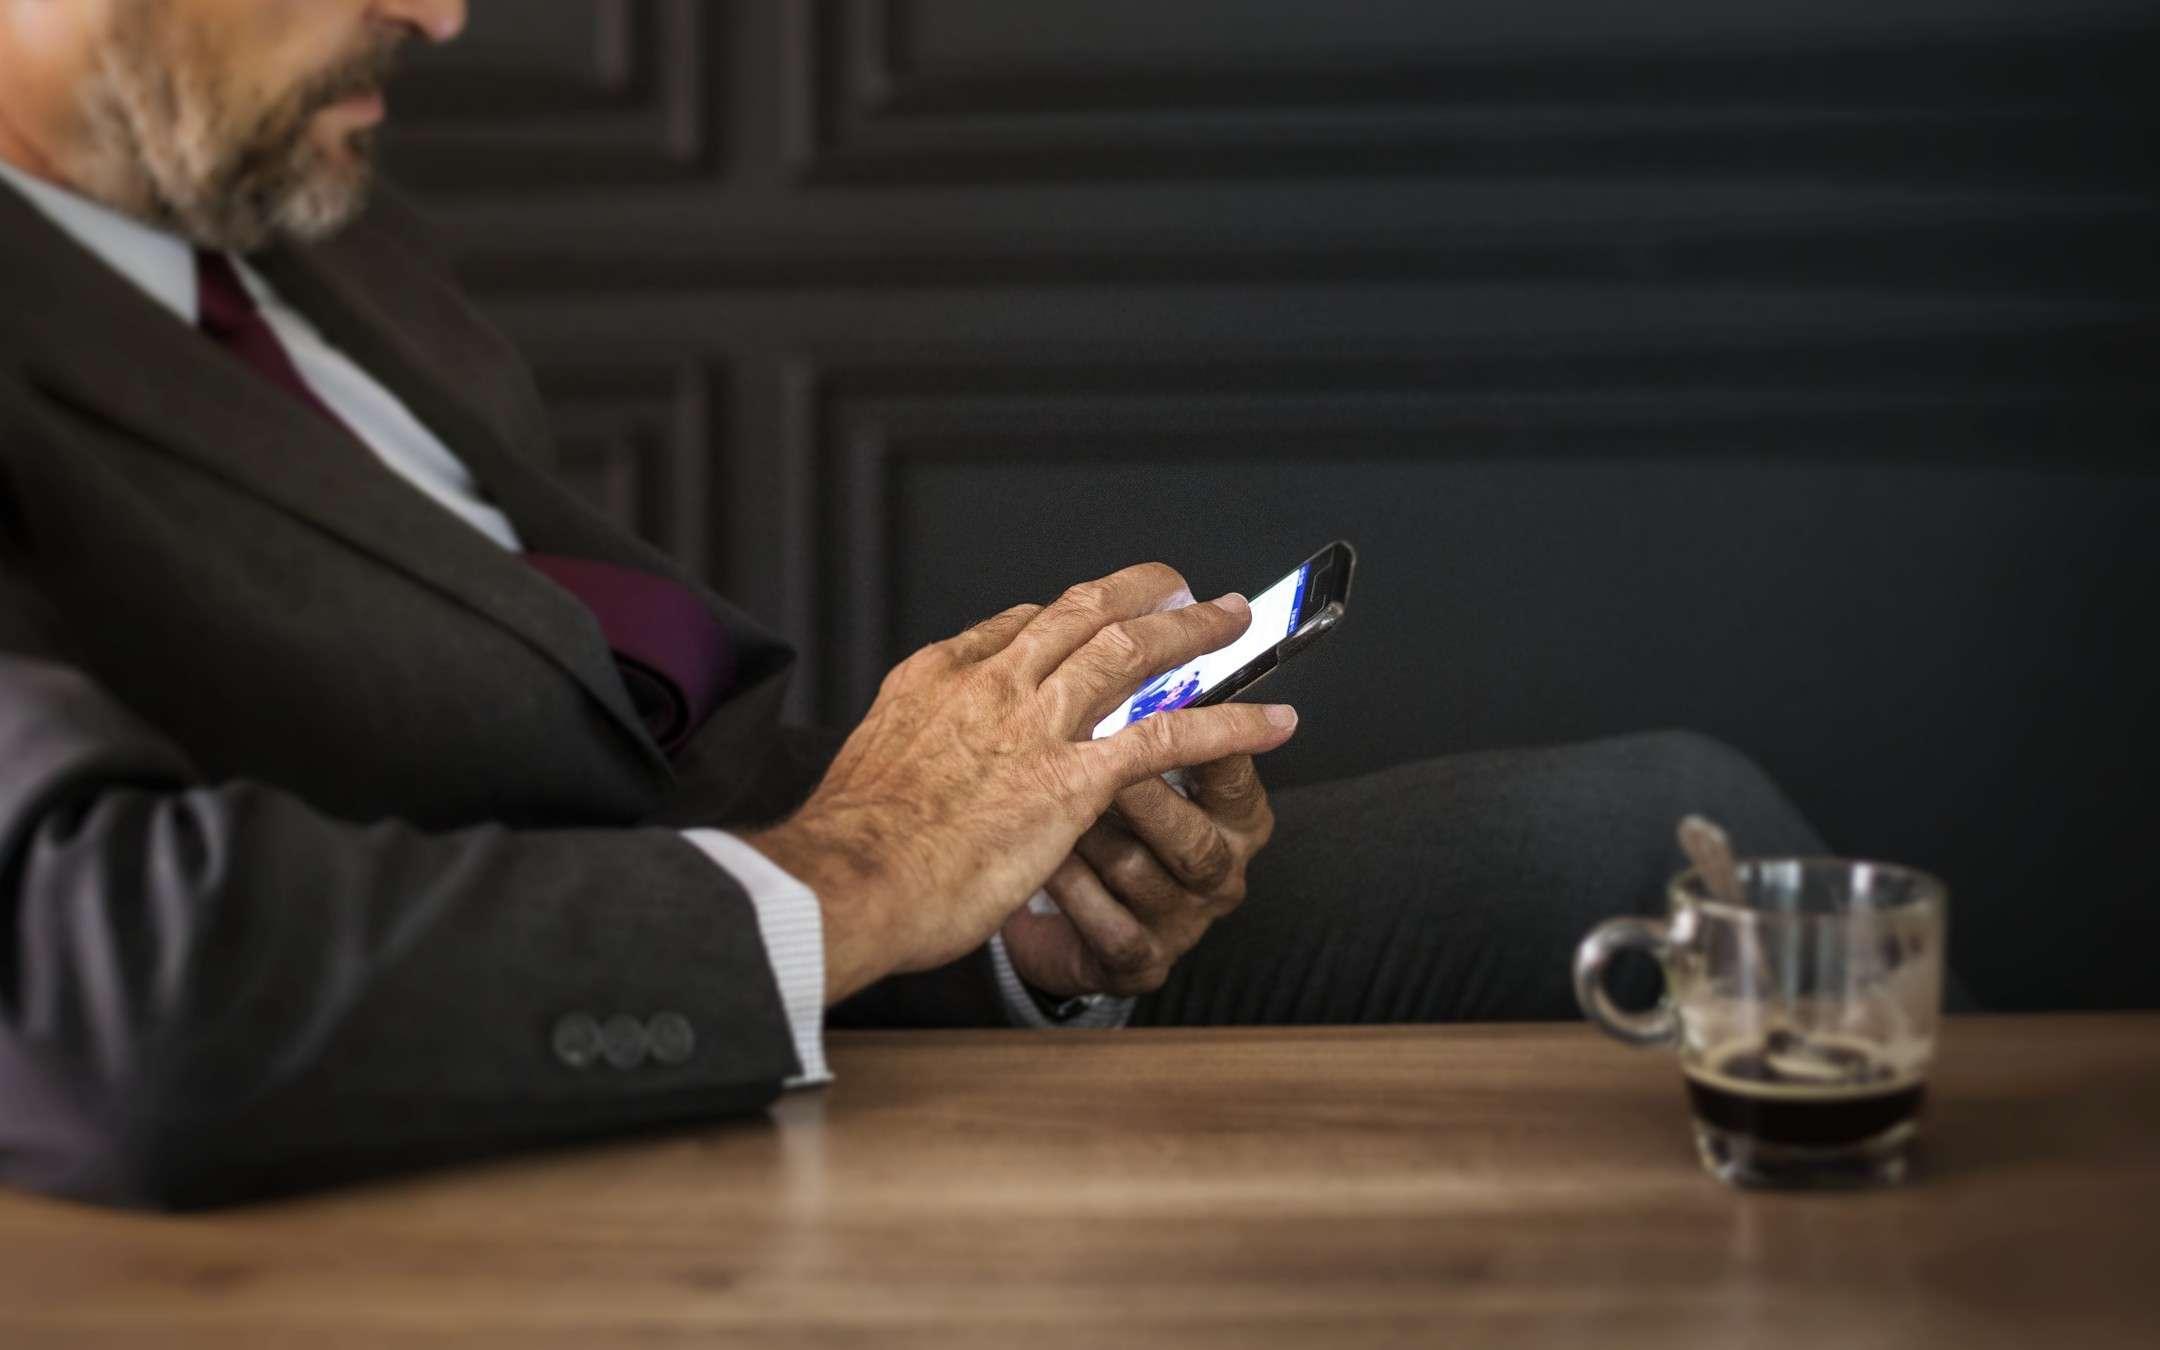 Contratti di telefonia, stop ai cambi unilaterali